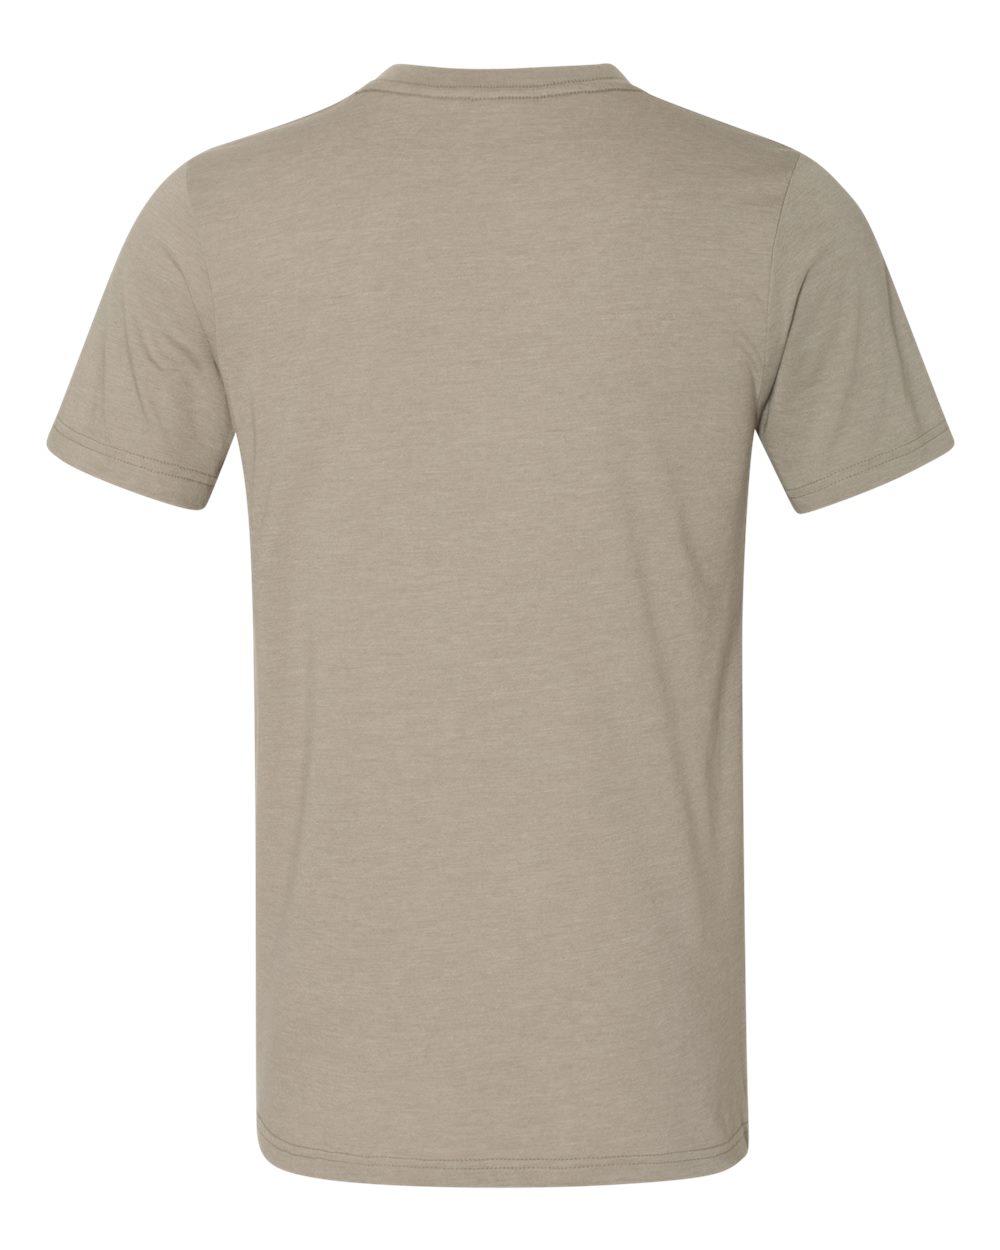 Bella-Canvas-Men-039-s-Jersey-Short-Sleeve-V-Neck-T-Shirt-3005-XS-3XL thumbnail 128